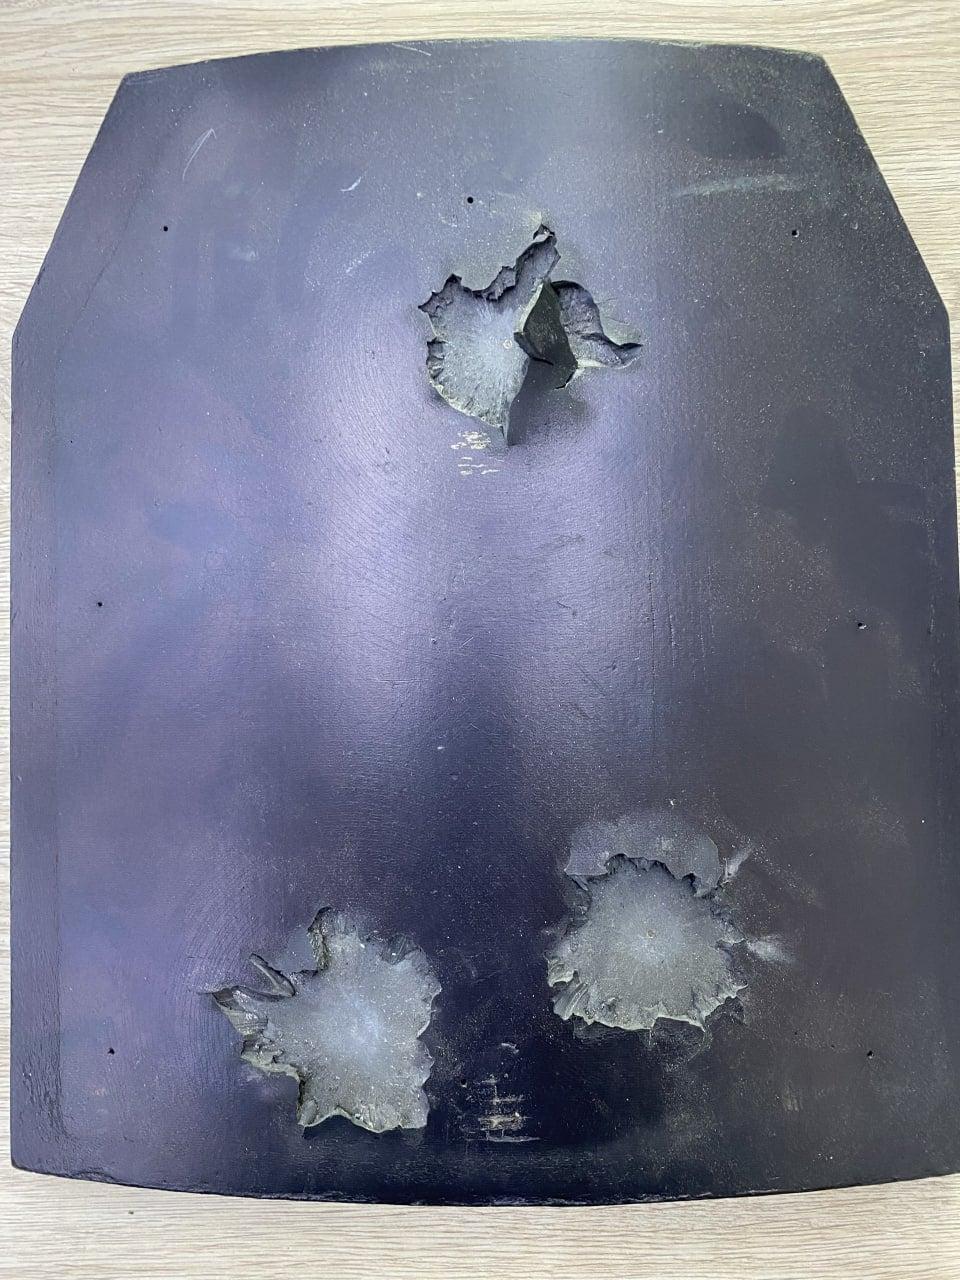 Нове антирікошетне покриття від Темп-3000 витримало випробування